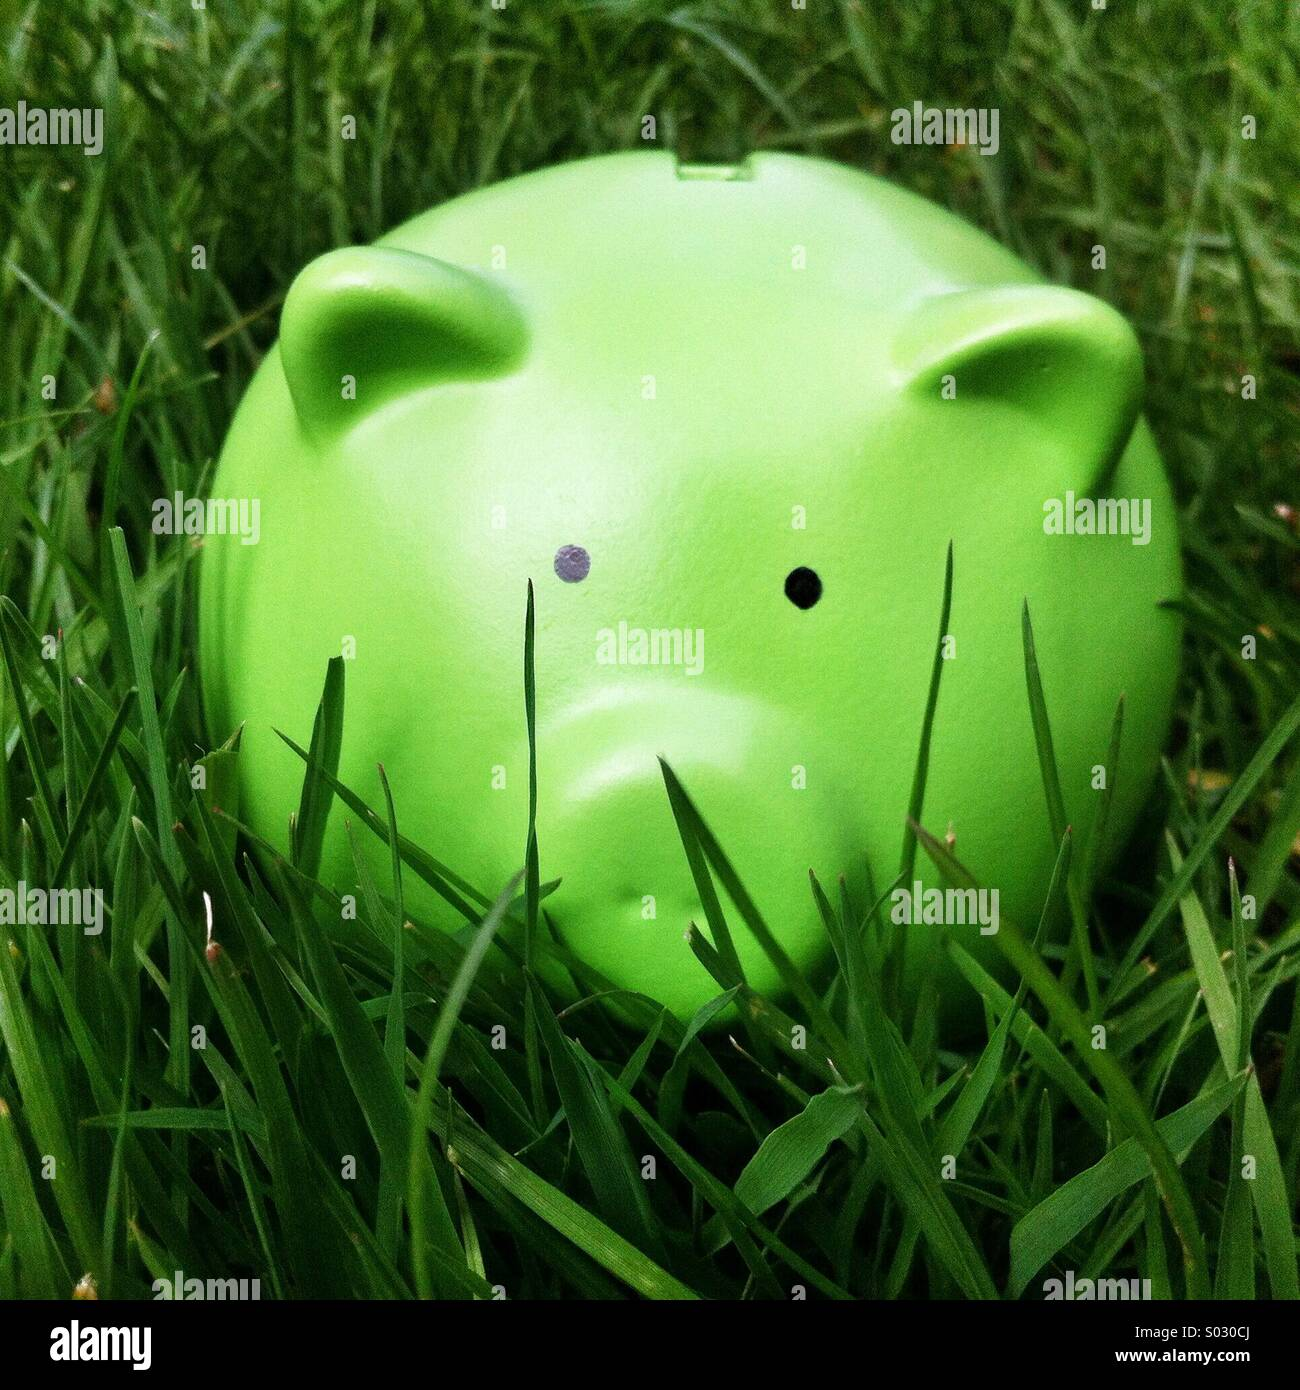 Green piggy bank money box in long green grass - Stock Image